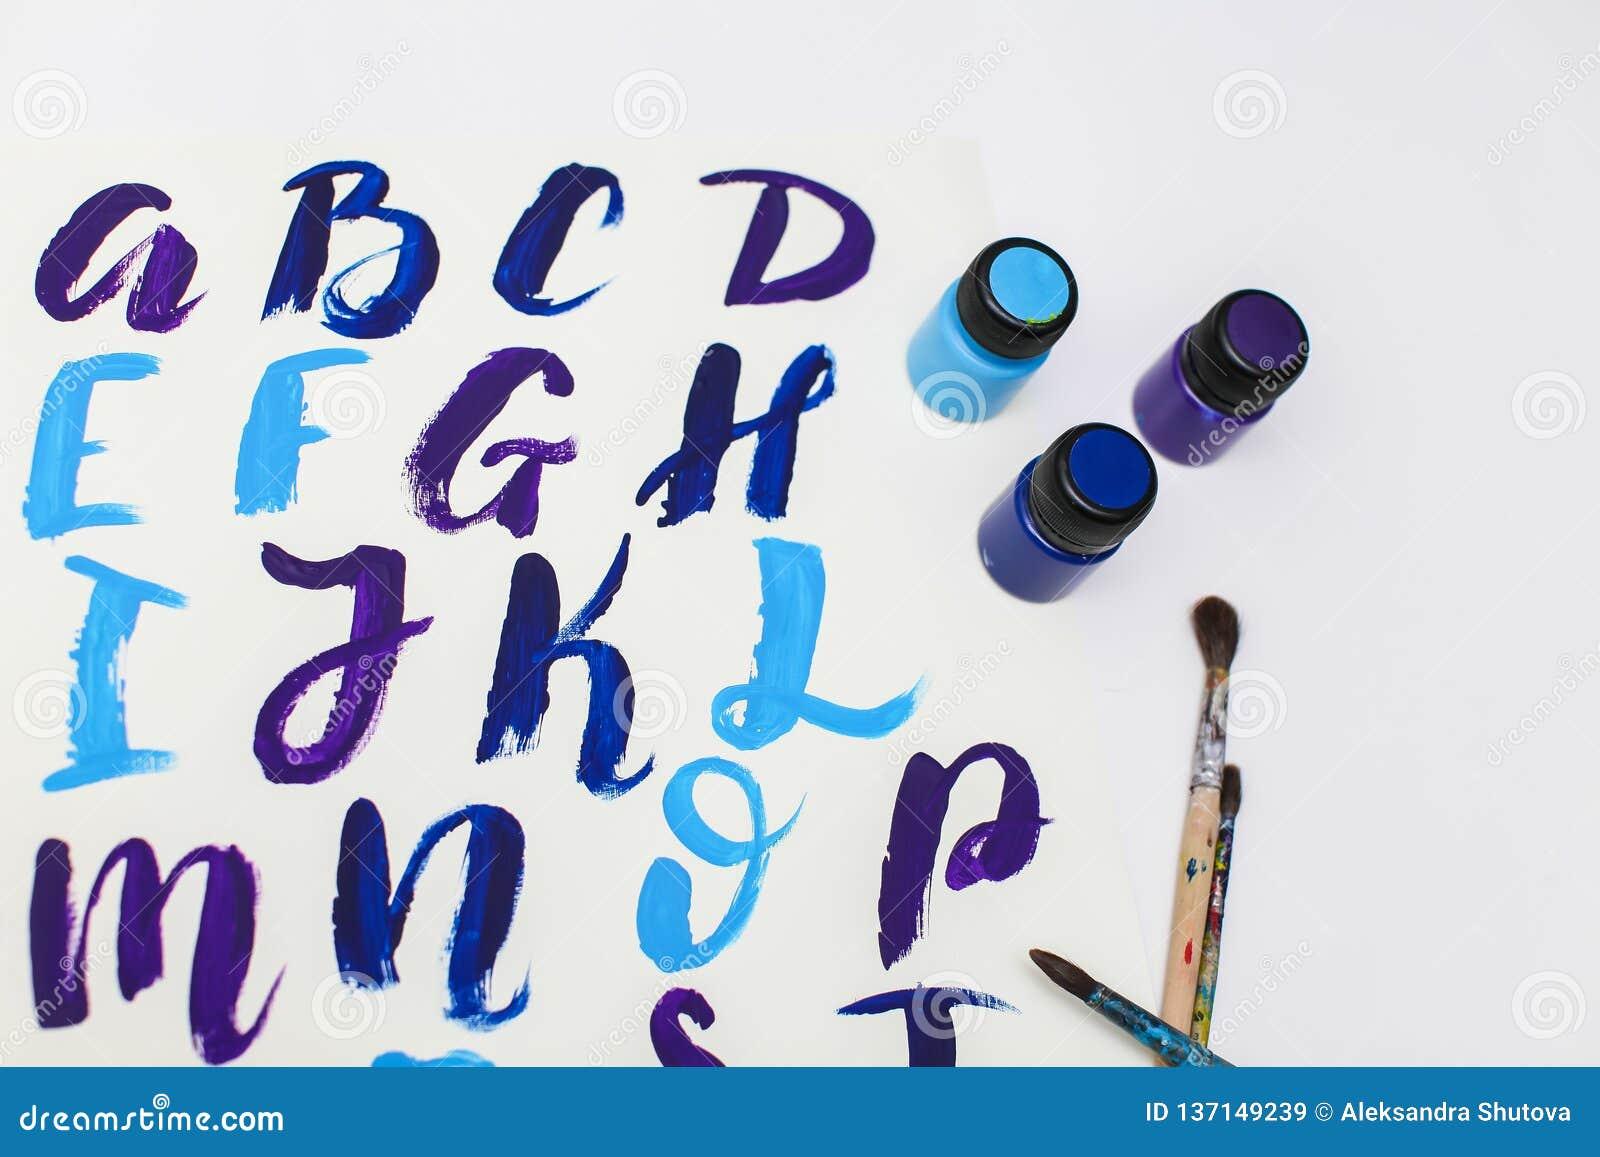 Kalligraphie, die das Alphabet gezeichnet mit trockener Bürste beschriftet Briefe von englischem ABC geschrieben mit Pinsel